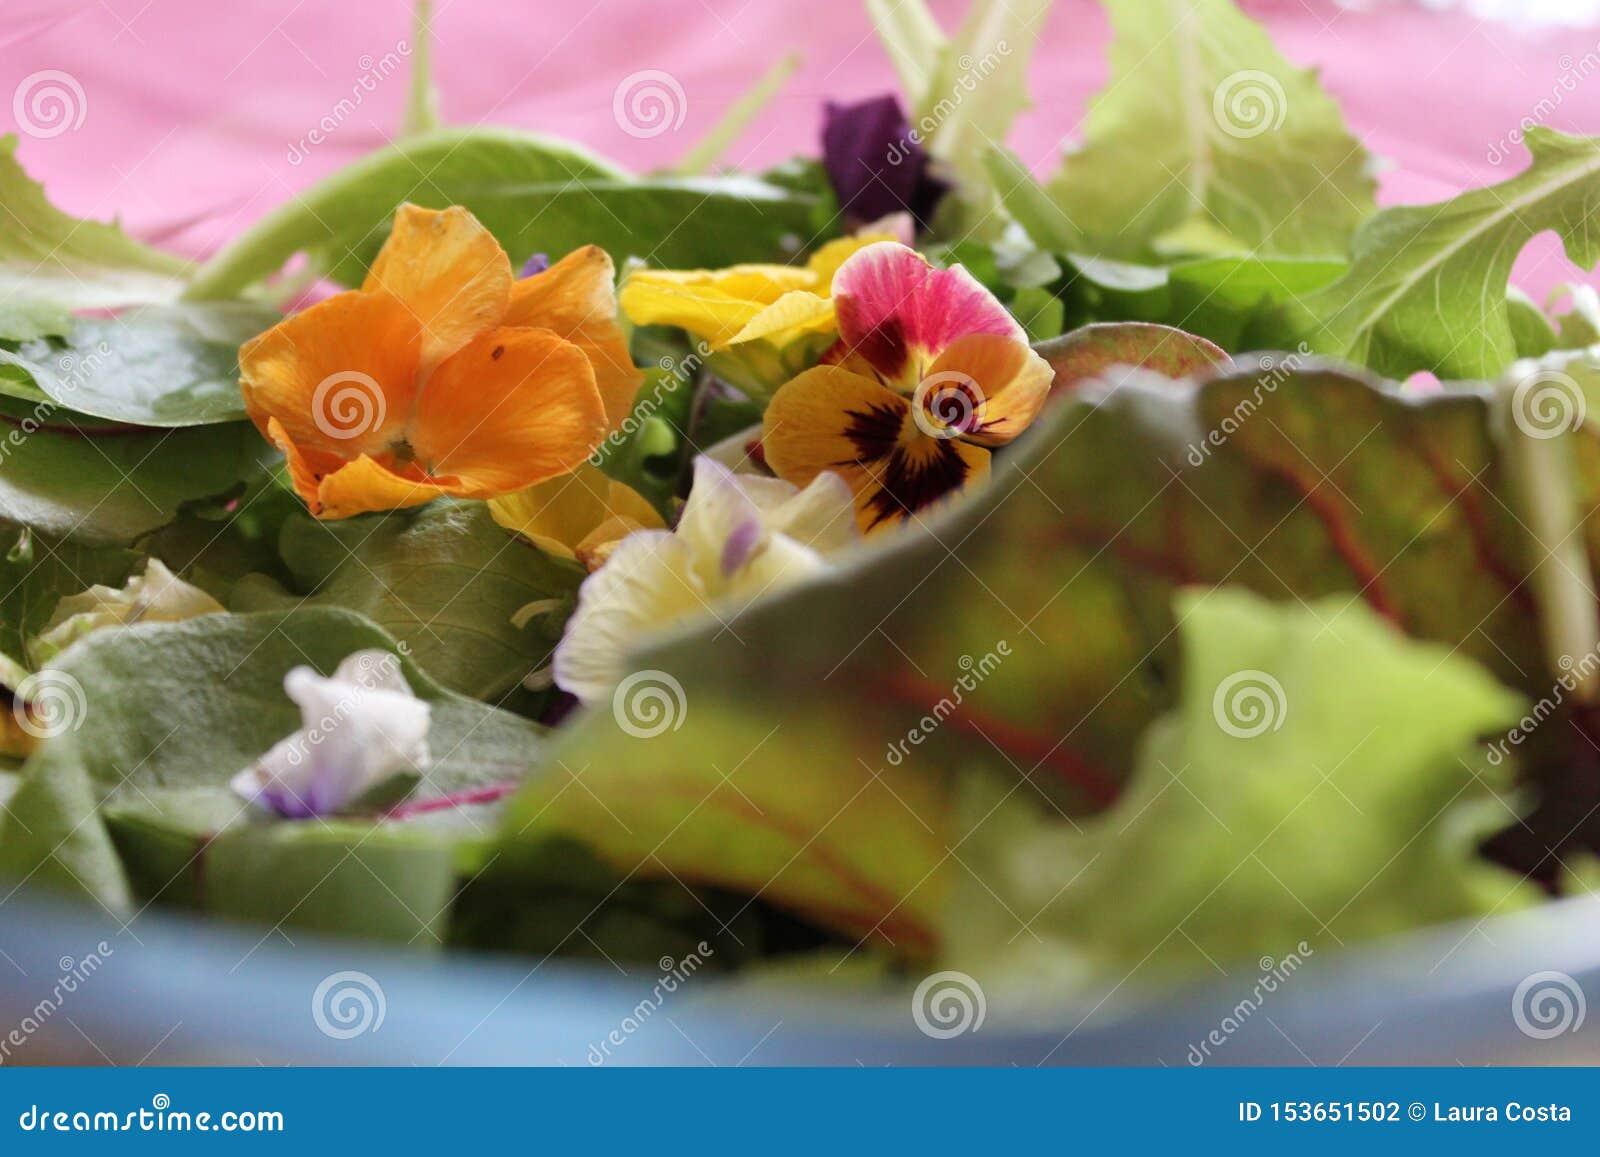 Insalata verde con i fiori gialli e viola